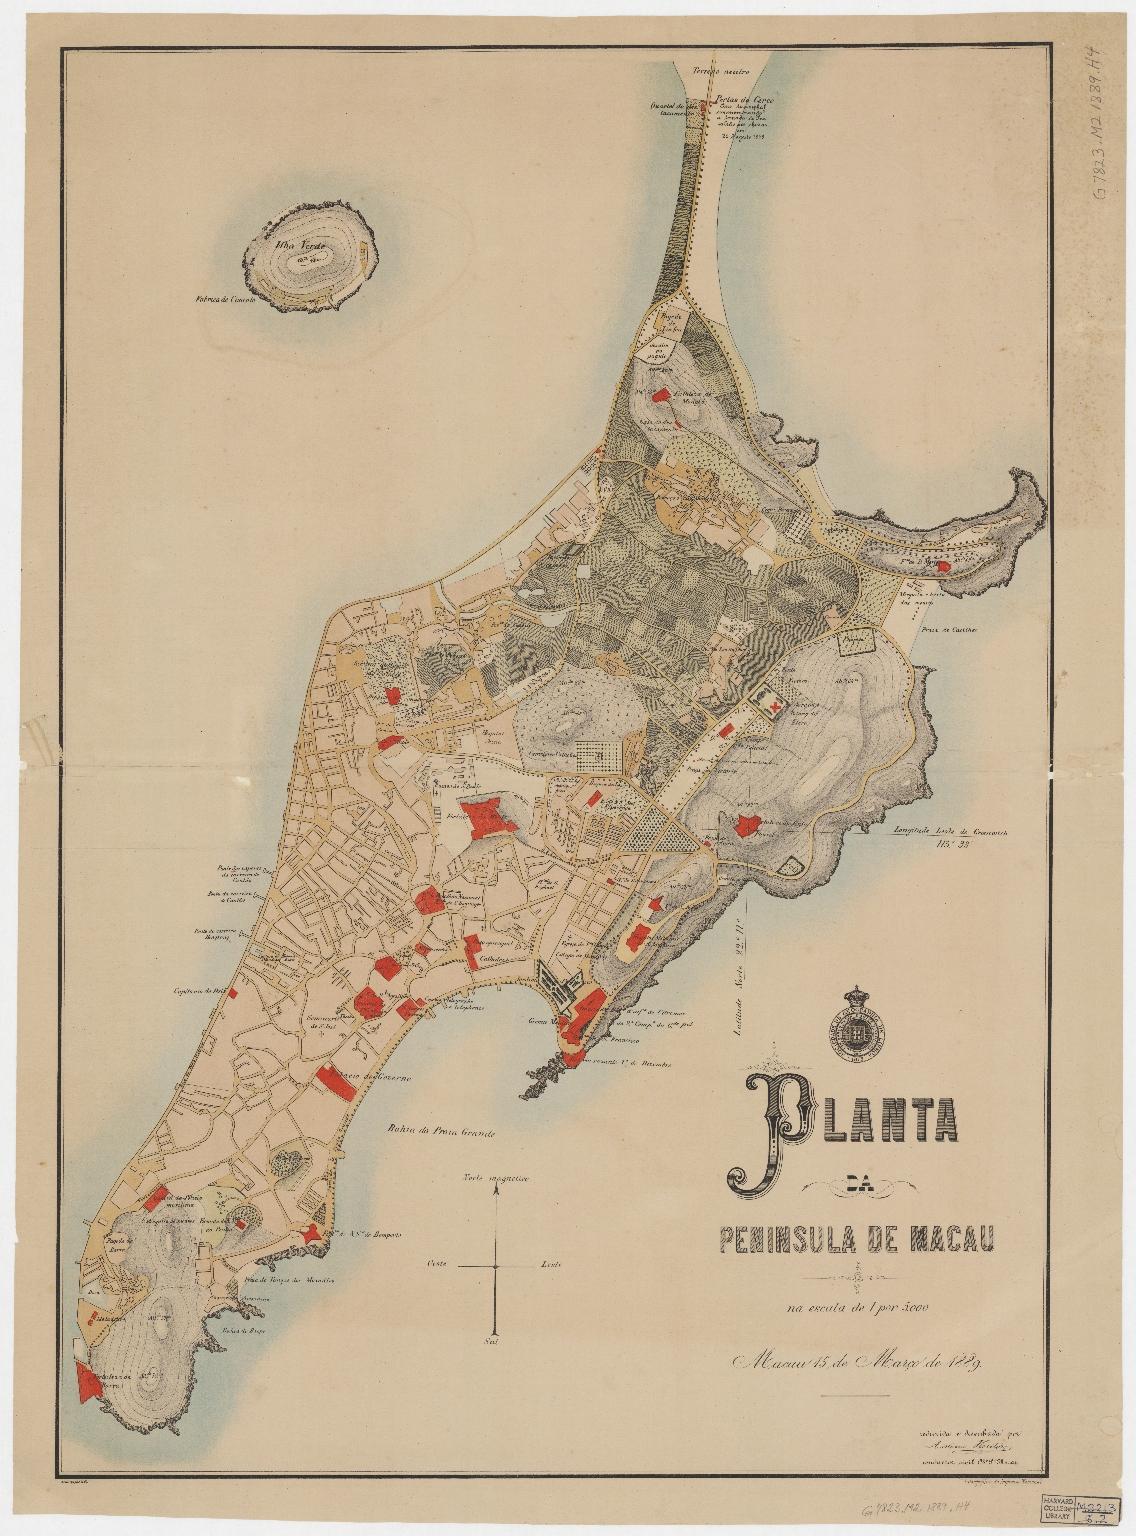 Planta da peninsula de Macau